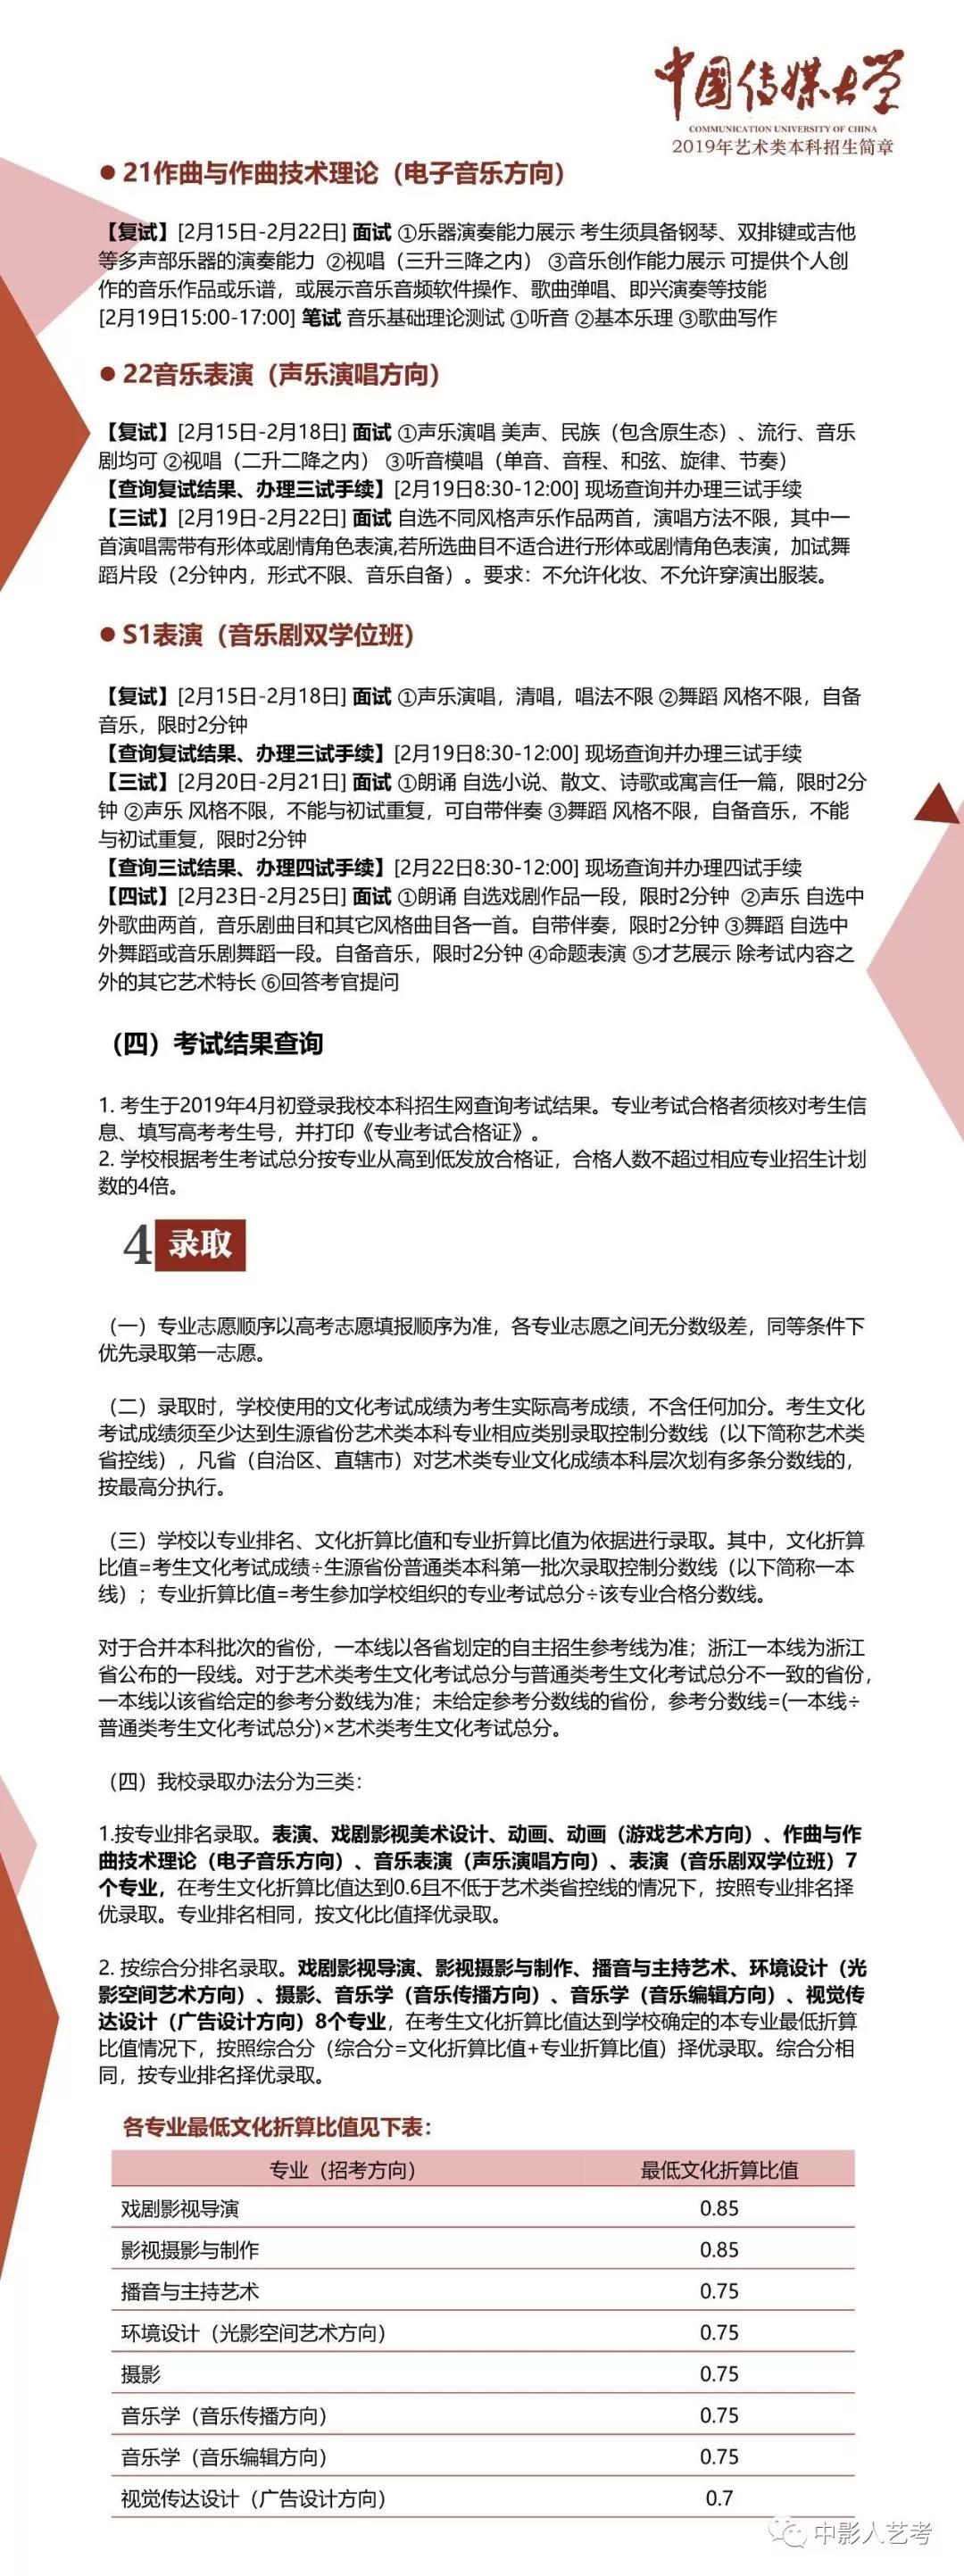 中国传媒大学艺术类本科招生简章5